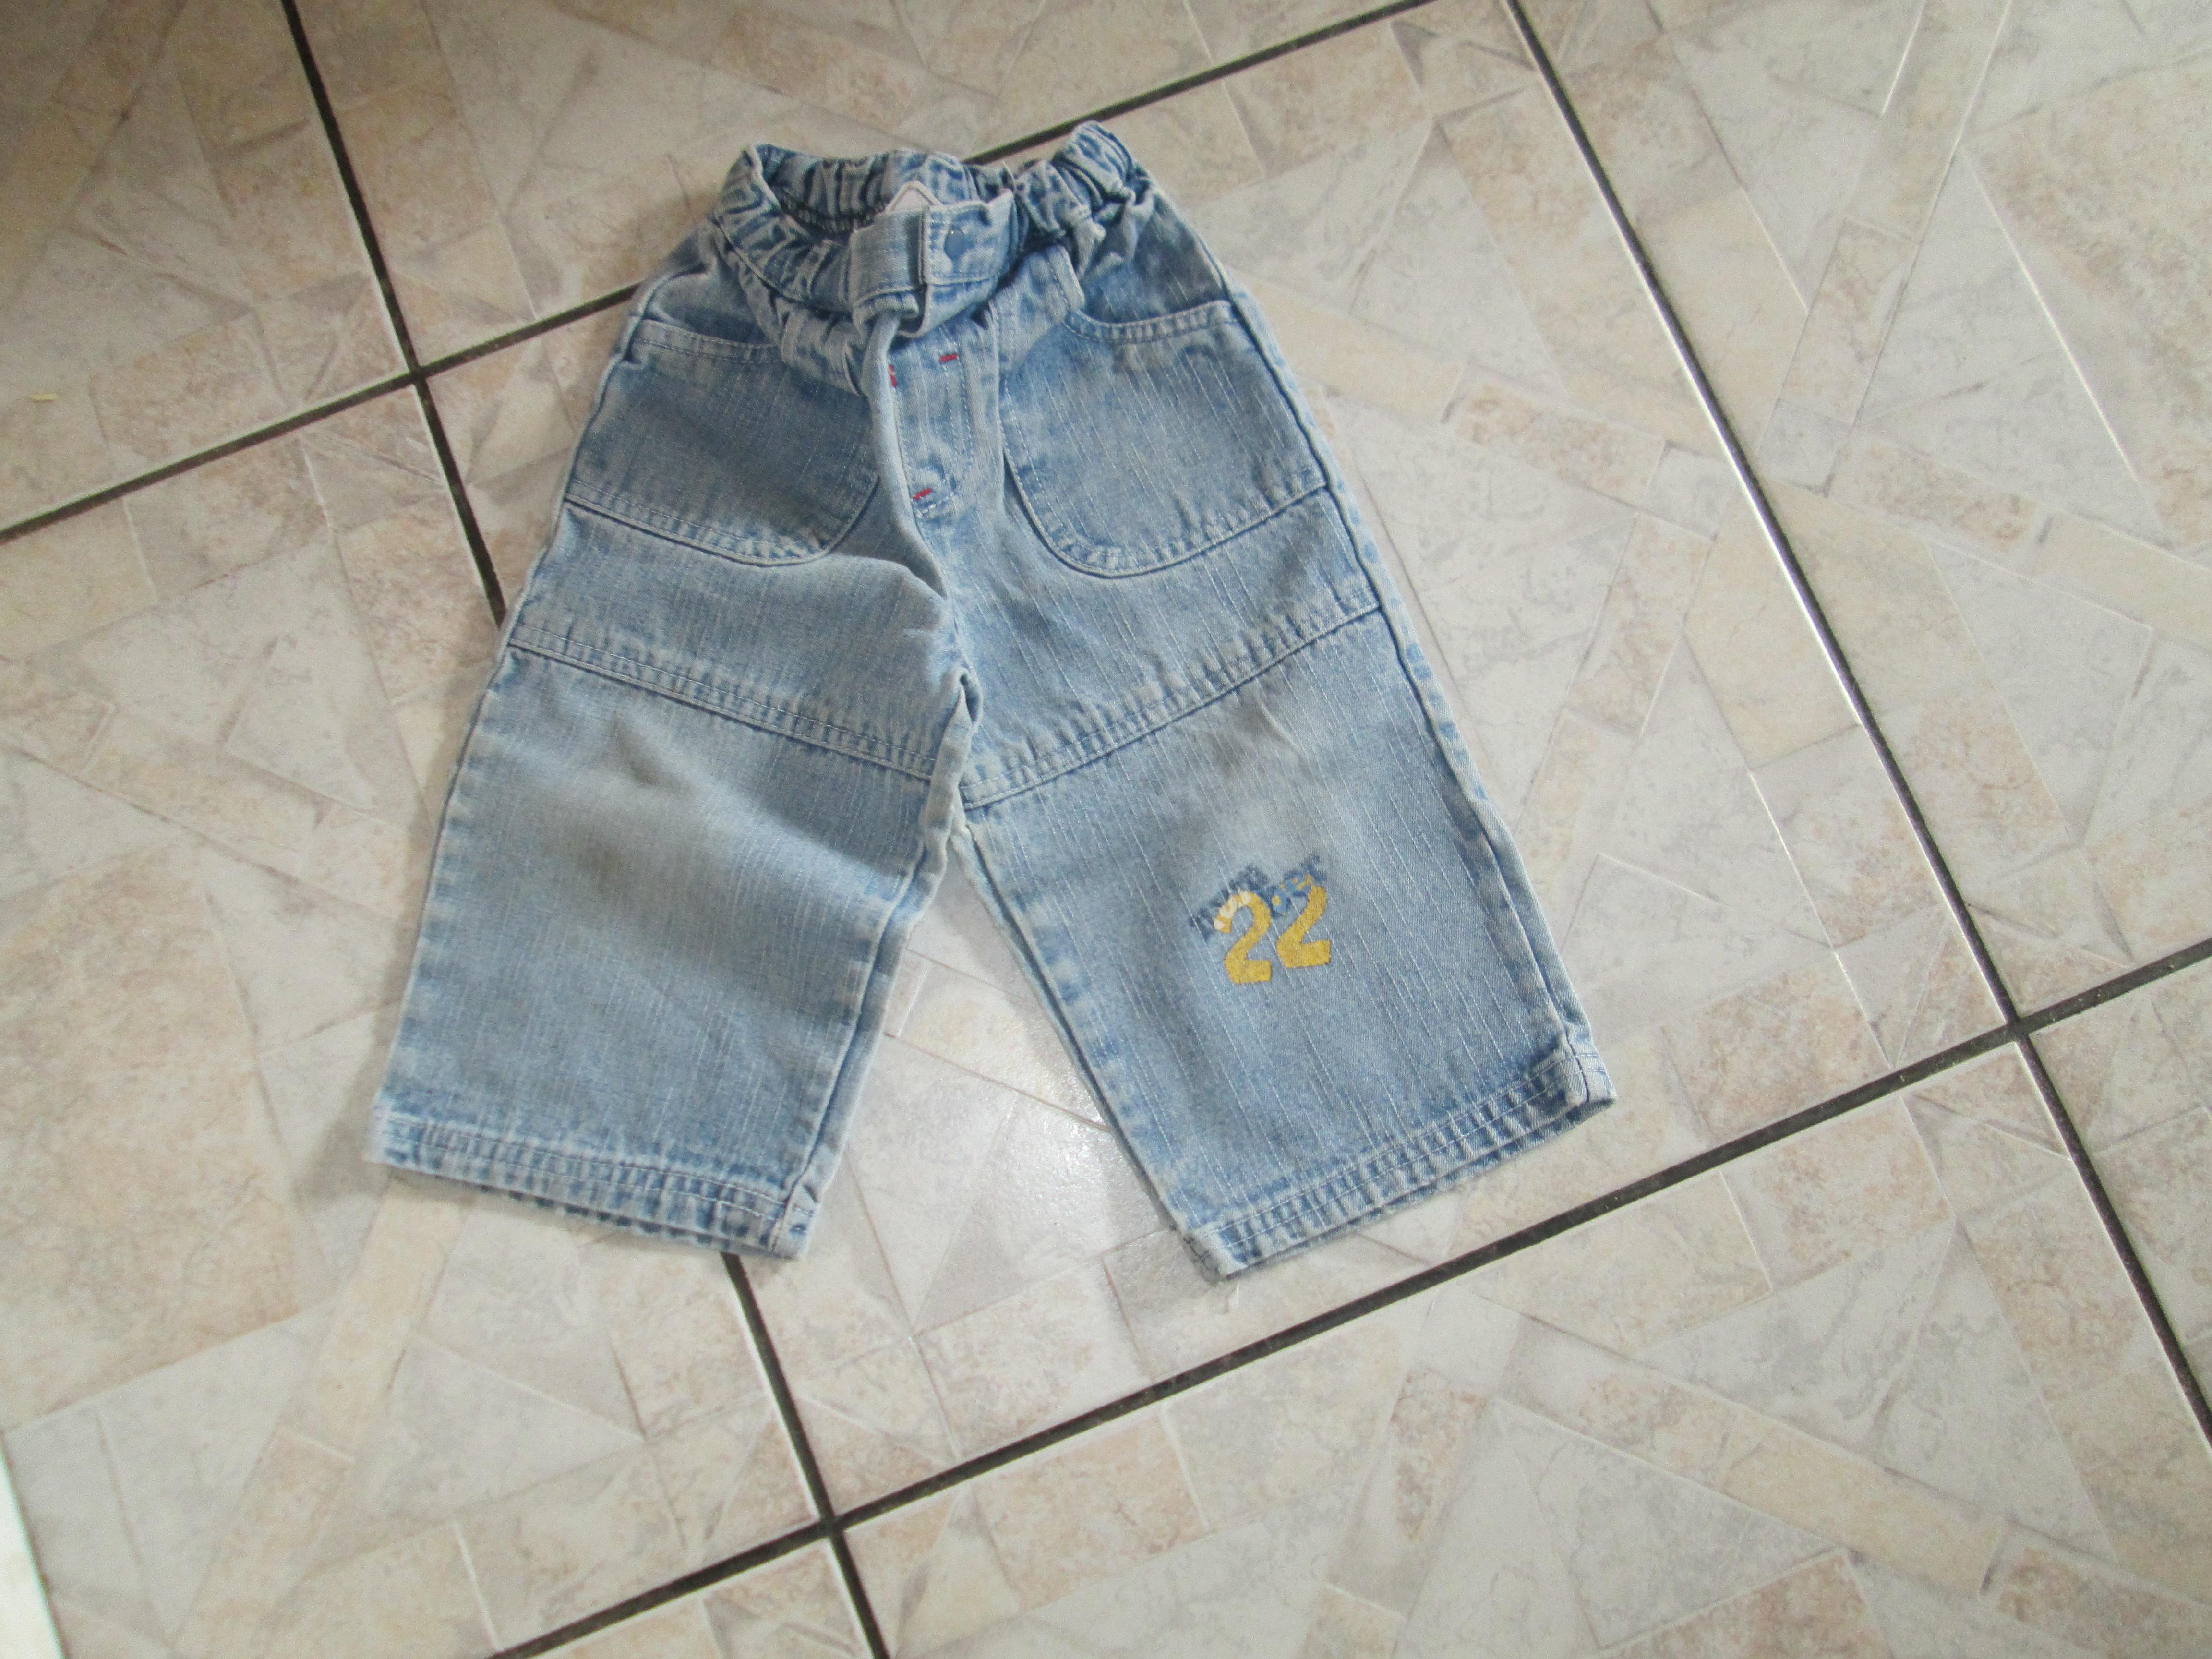 troc de troc jeans 18 mois 3 noisettes port compris image 0